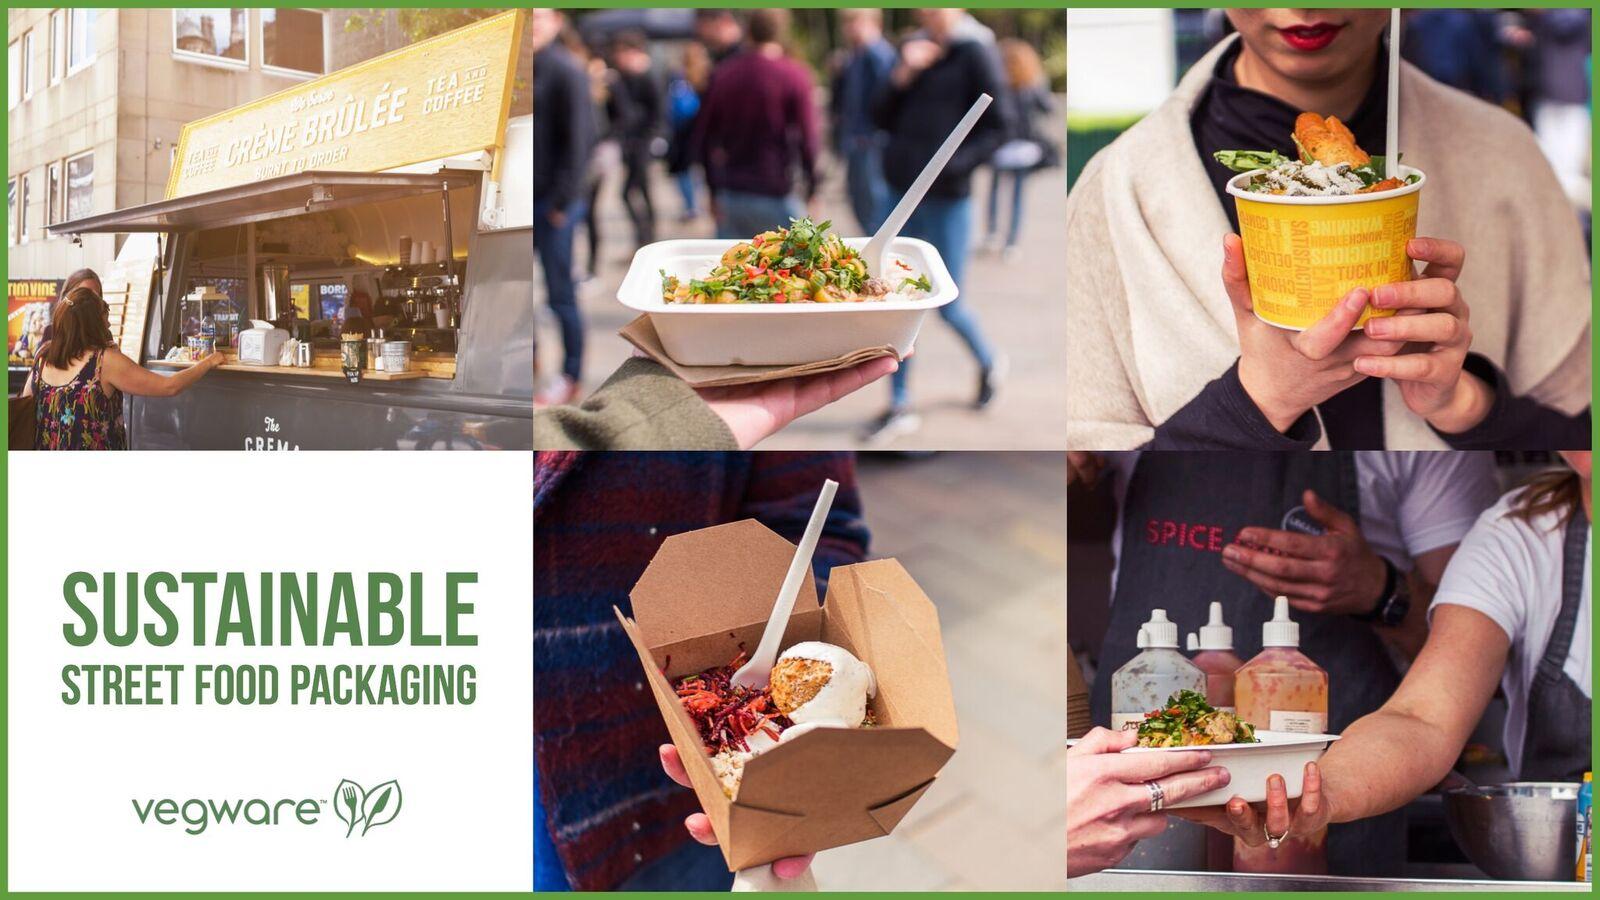 Street food packaging